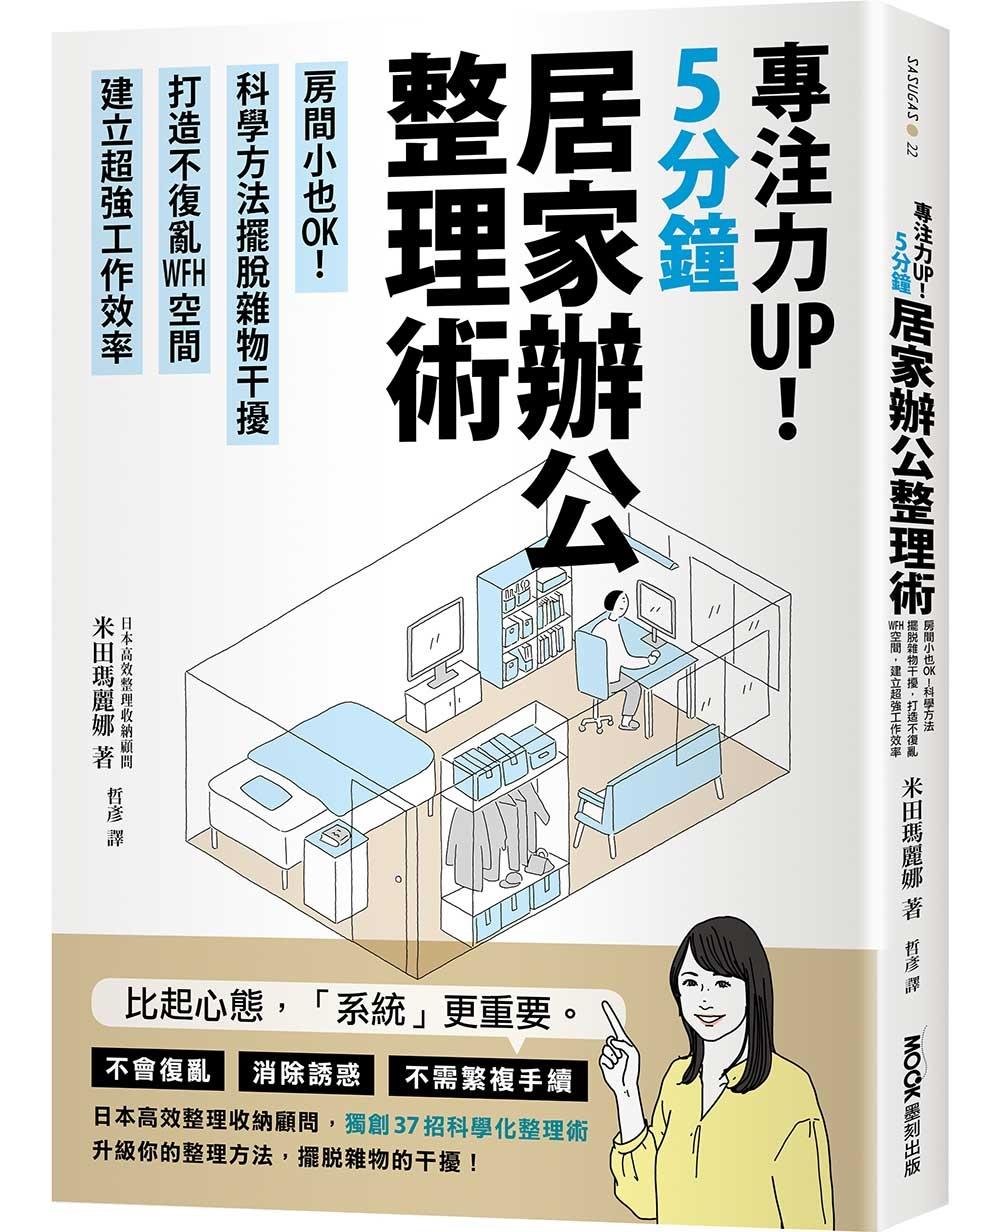 專注力UP!5分鐘居家辦公整理術:房間小也OK!科學方法擺脫雜物干擾,打造不復亂WFH空間,建立超強工作效率